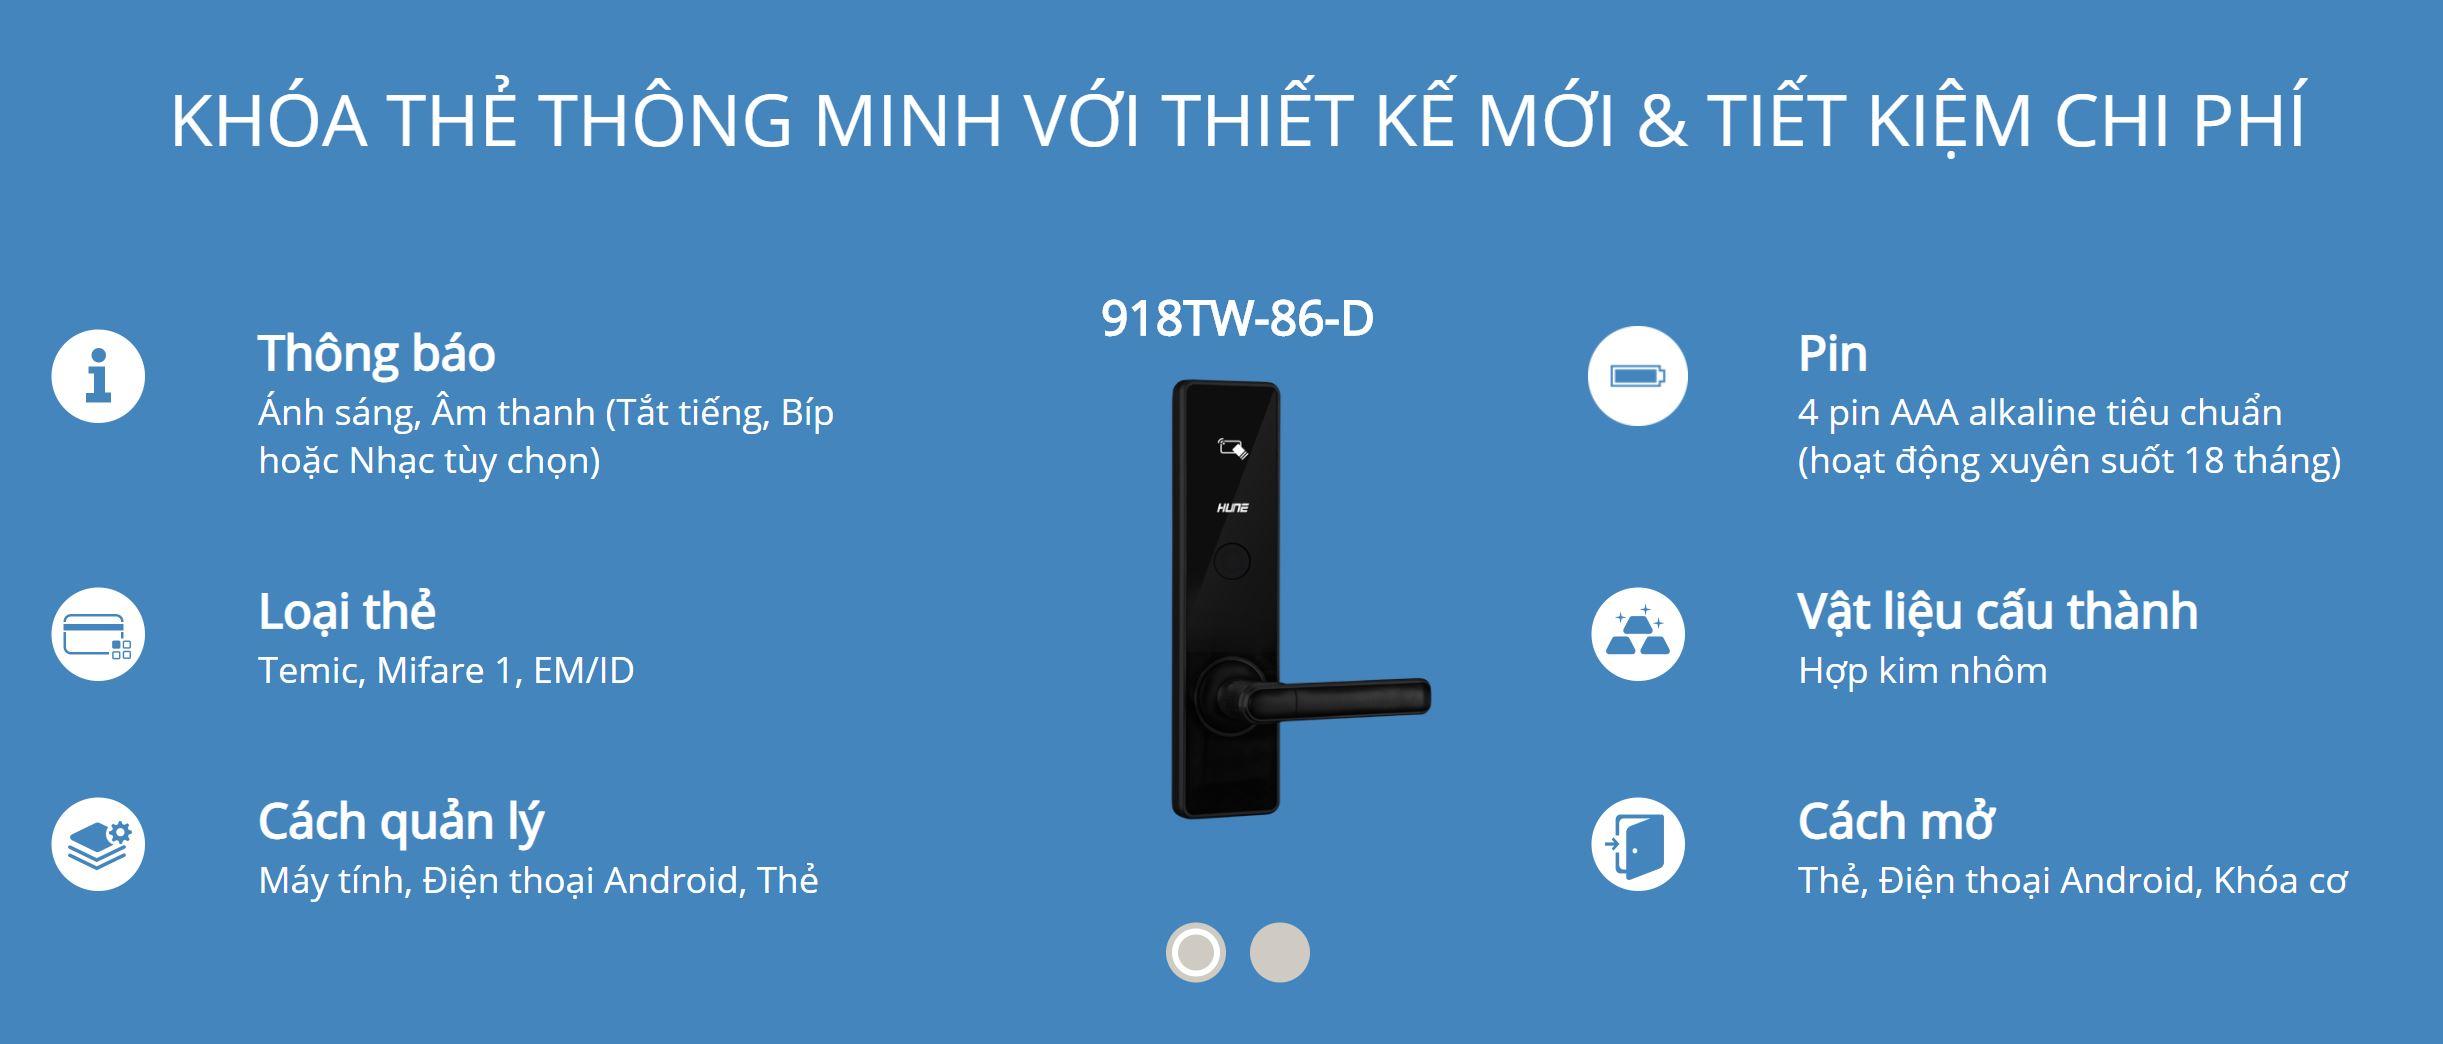 Thông tin kỹ thuật khóa thẻ Hune 918-86-D